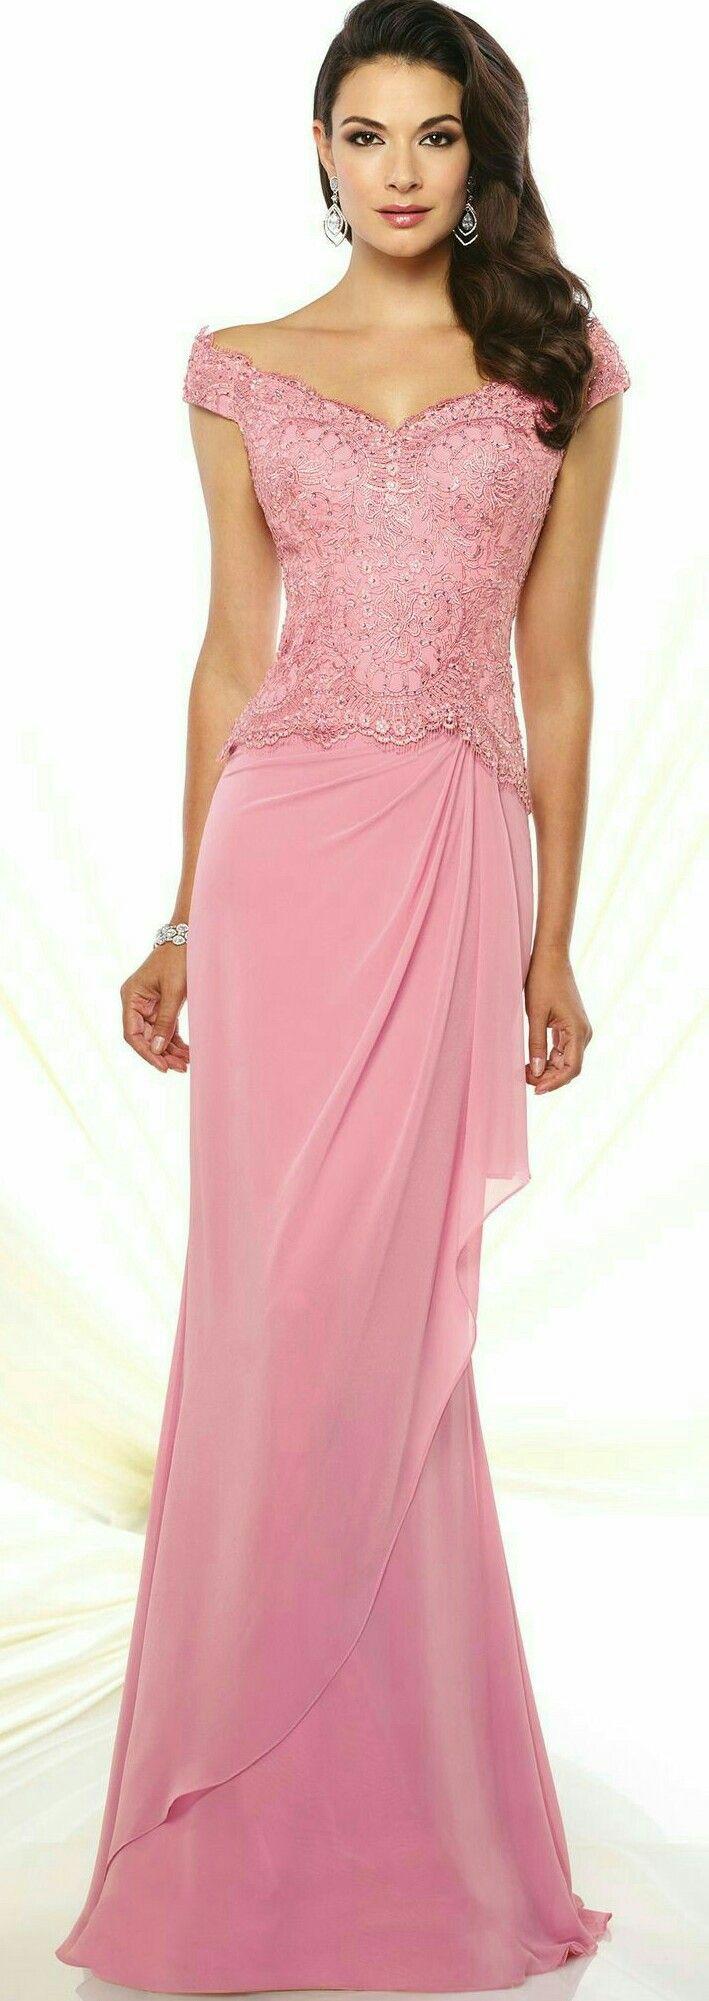 Pin de Marissa en vestidos | Pinterest | Vestidos de noche, Irlanda ...